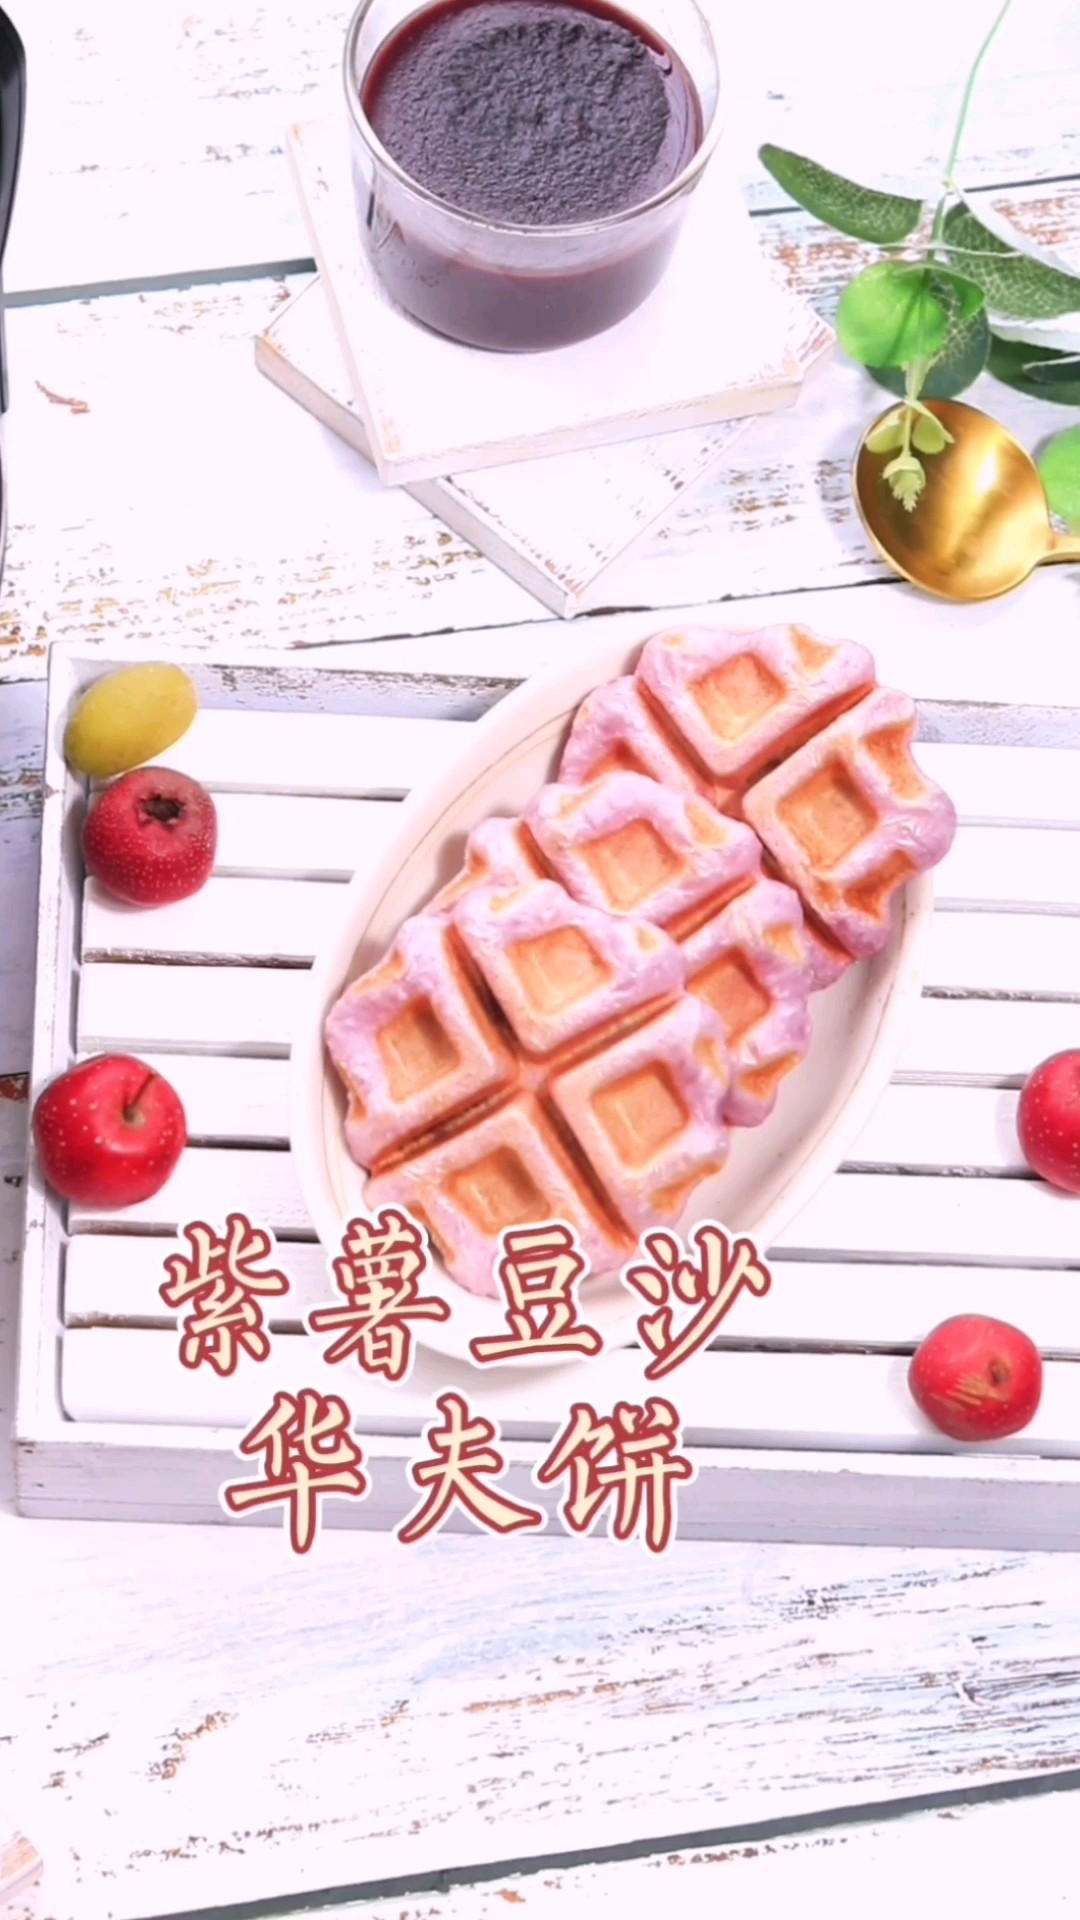 不用烤箱,不用面包机轻松做紫薯豆沙华夫饼,早餐再也不用起早做